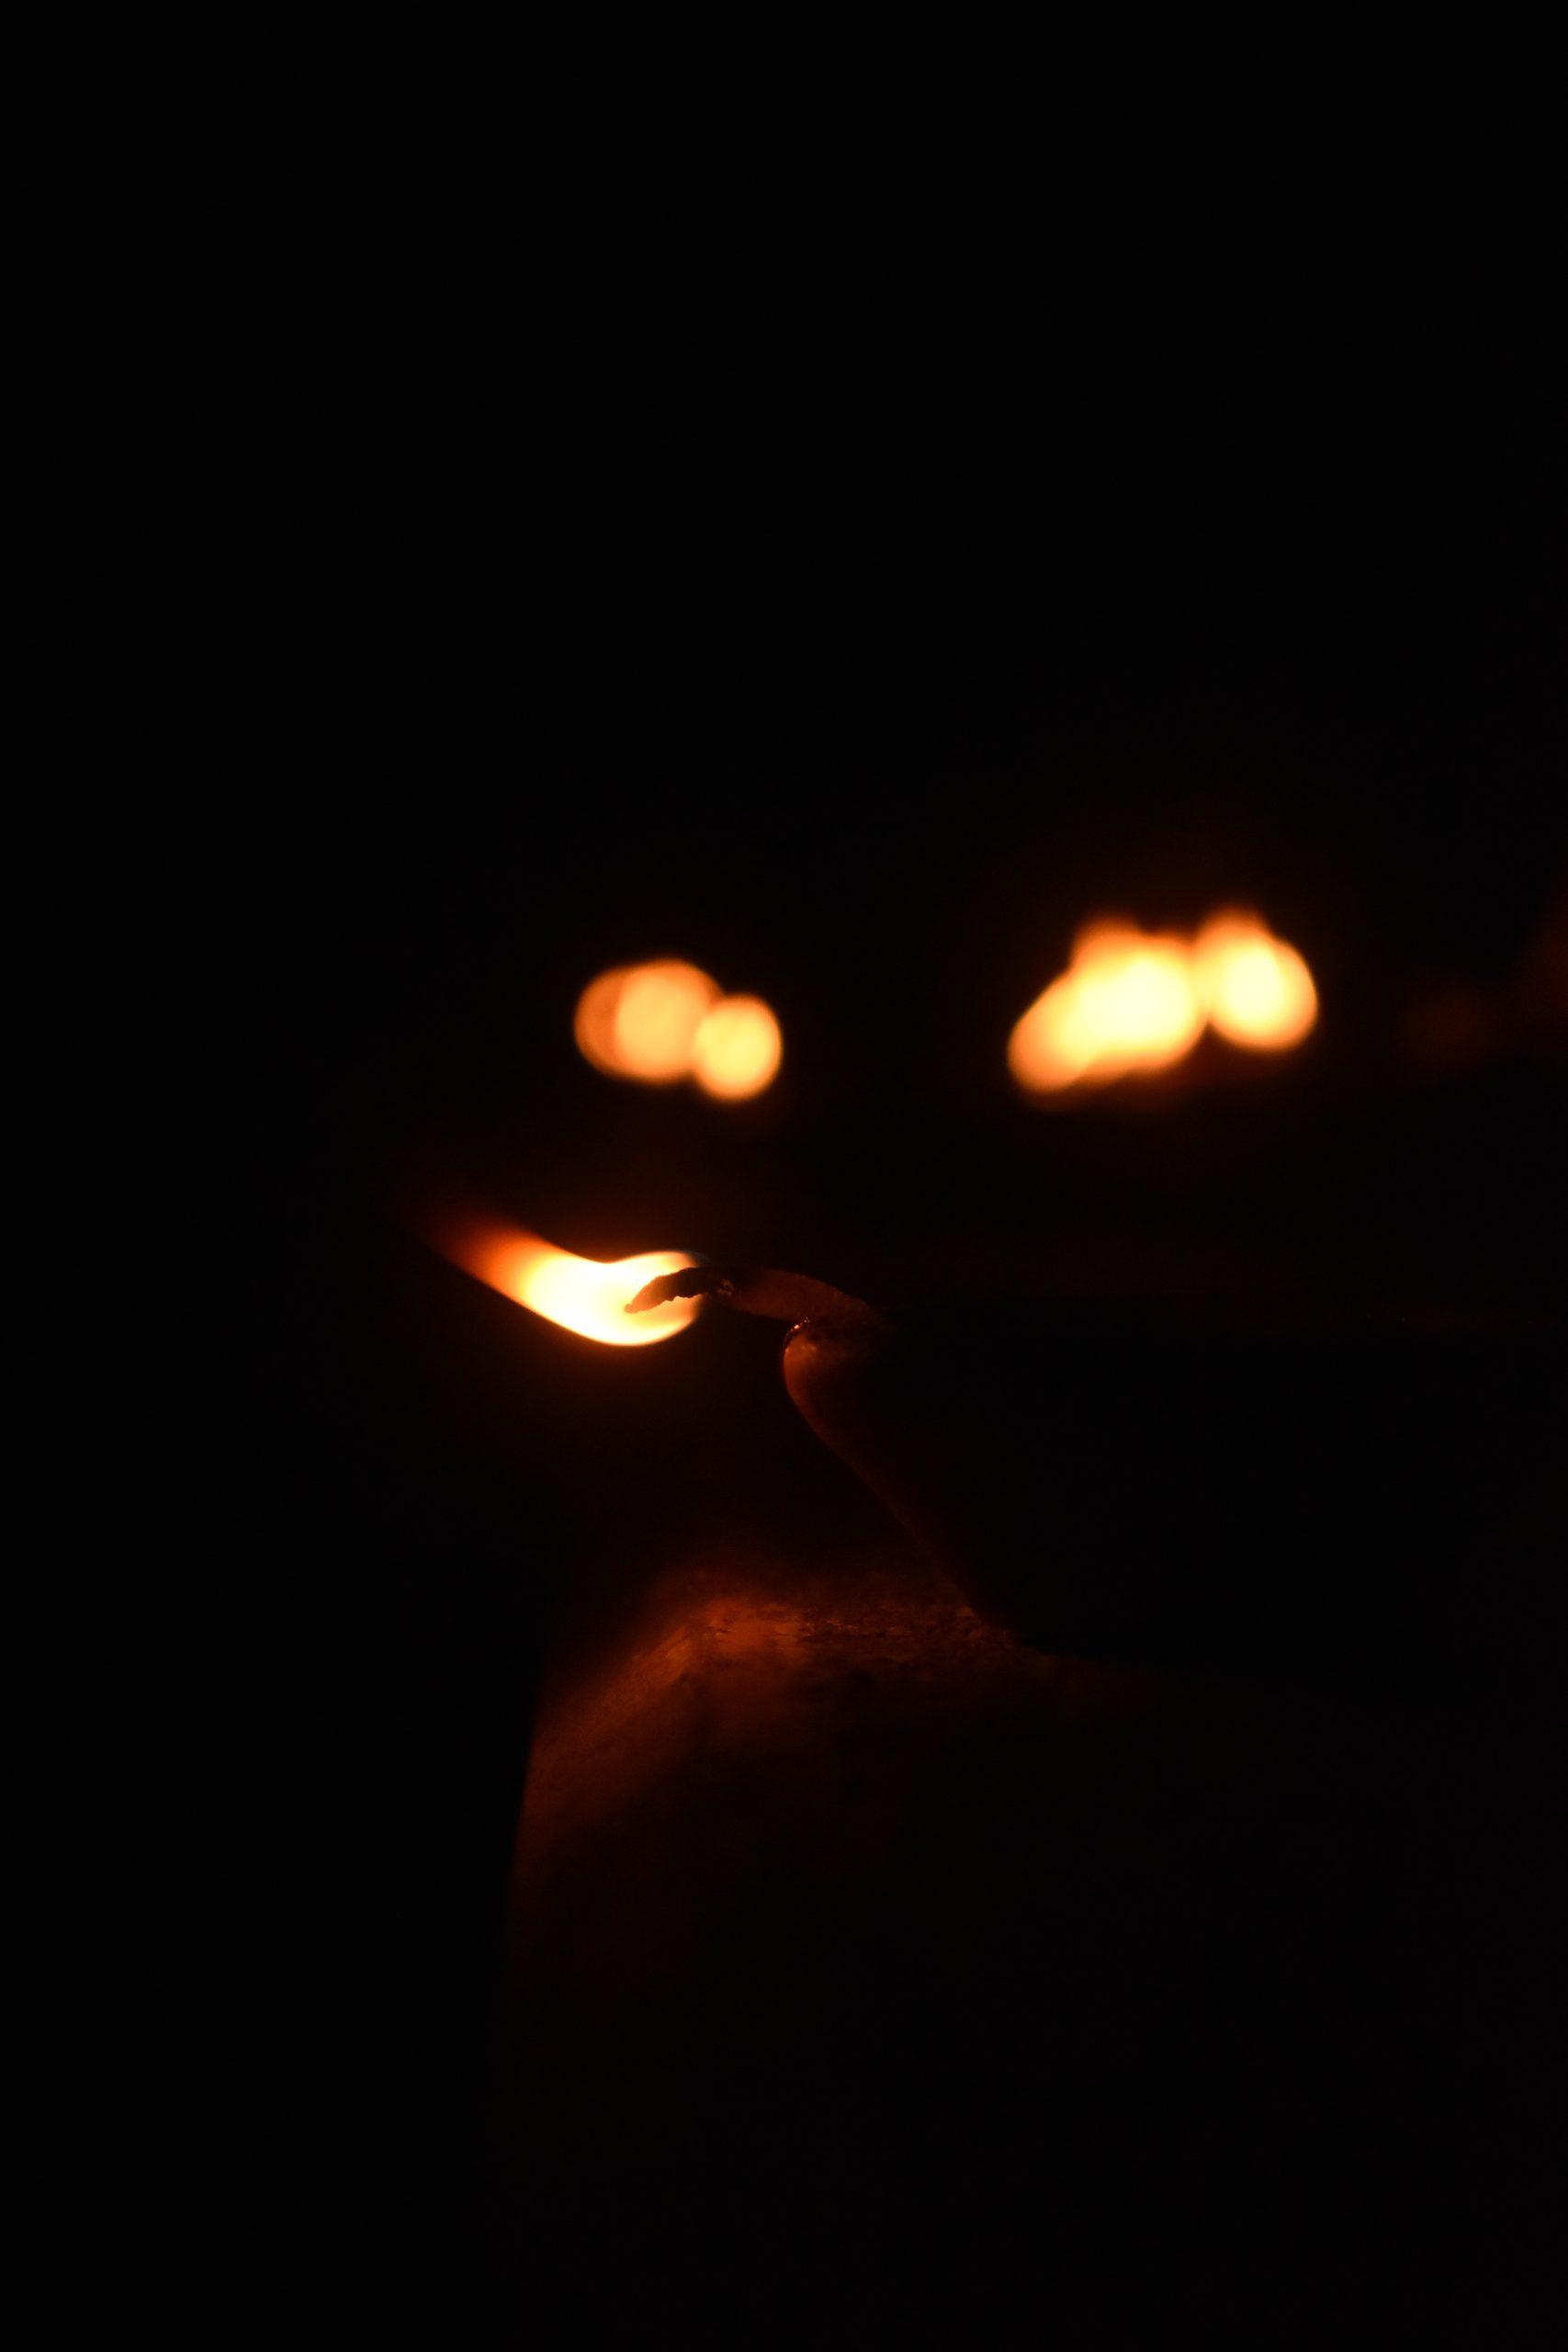 Oil lamp flame